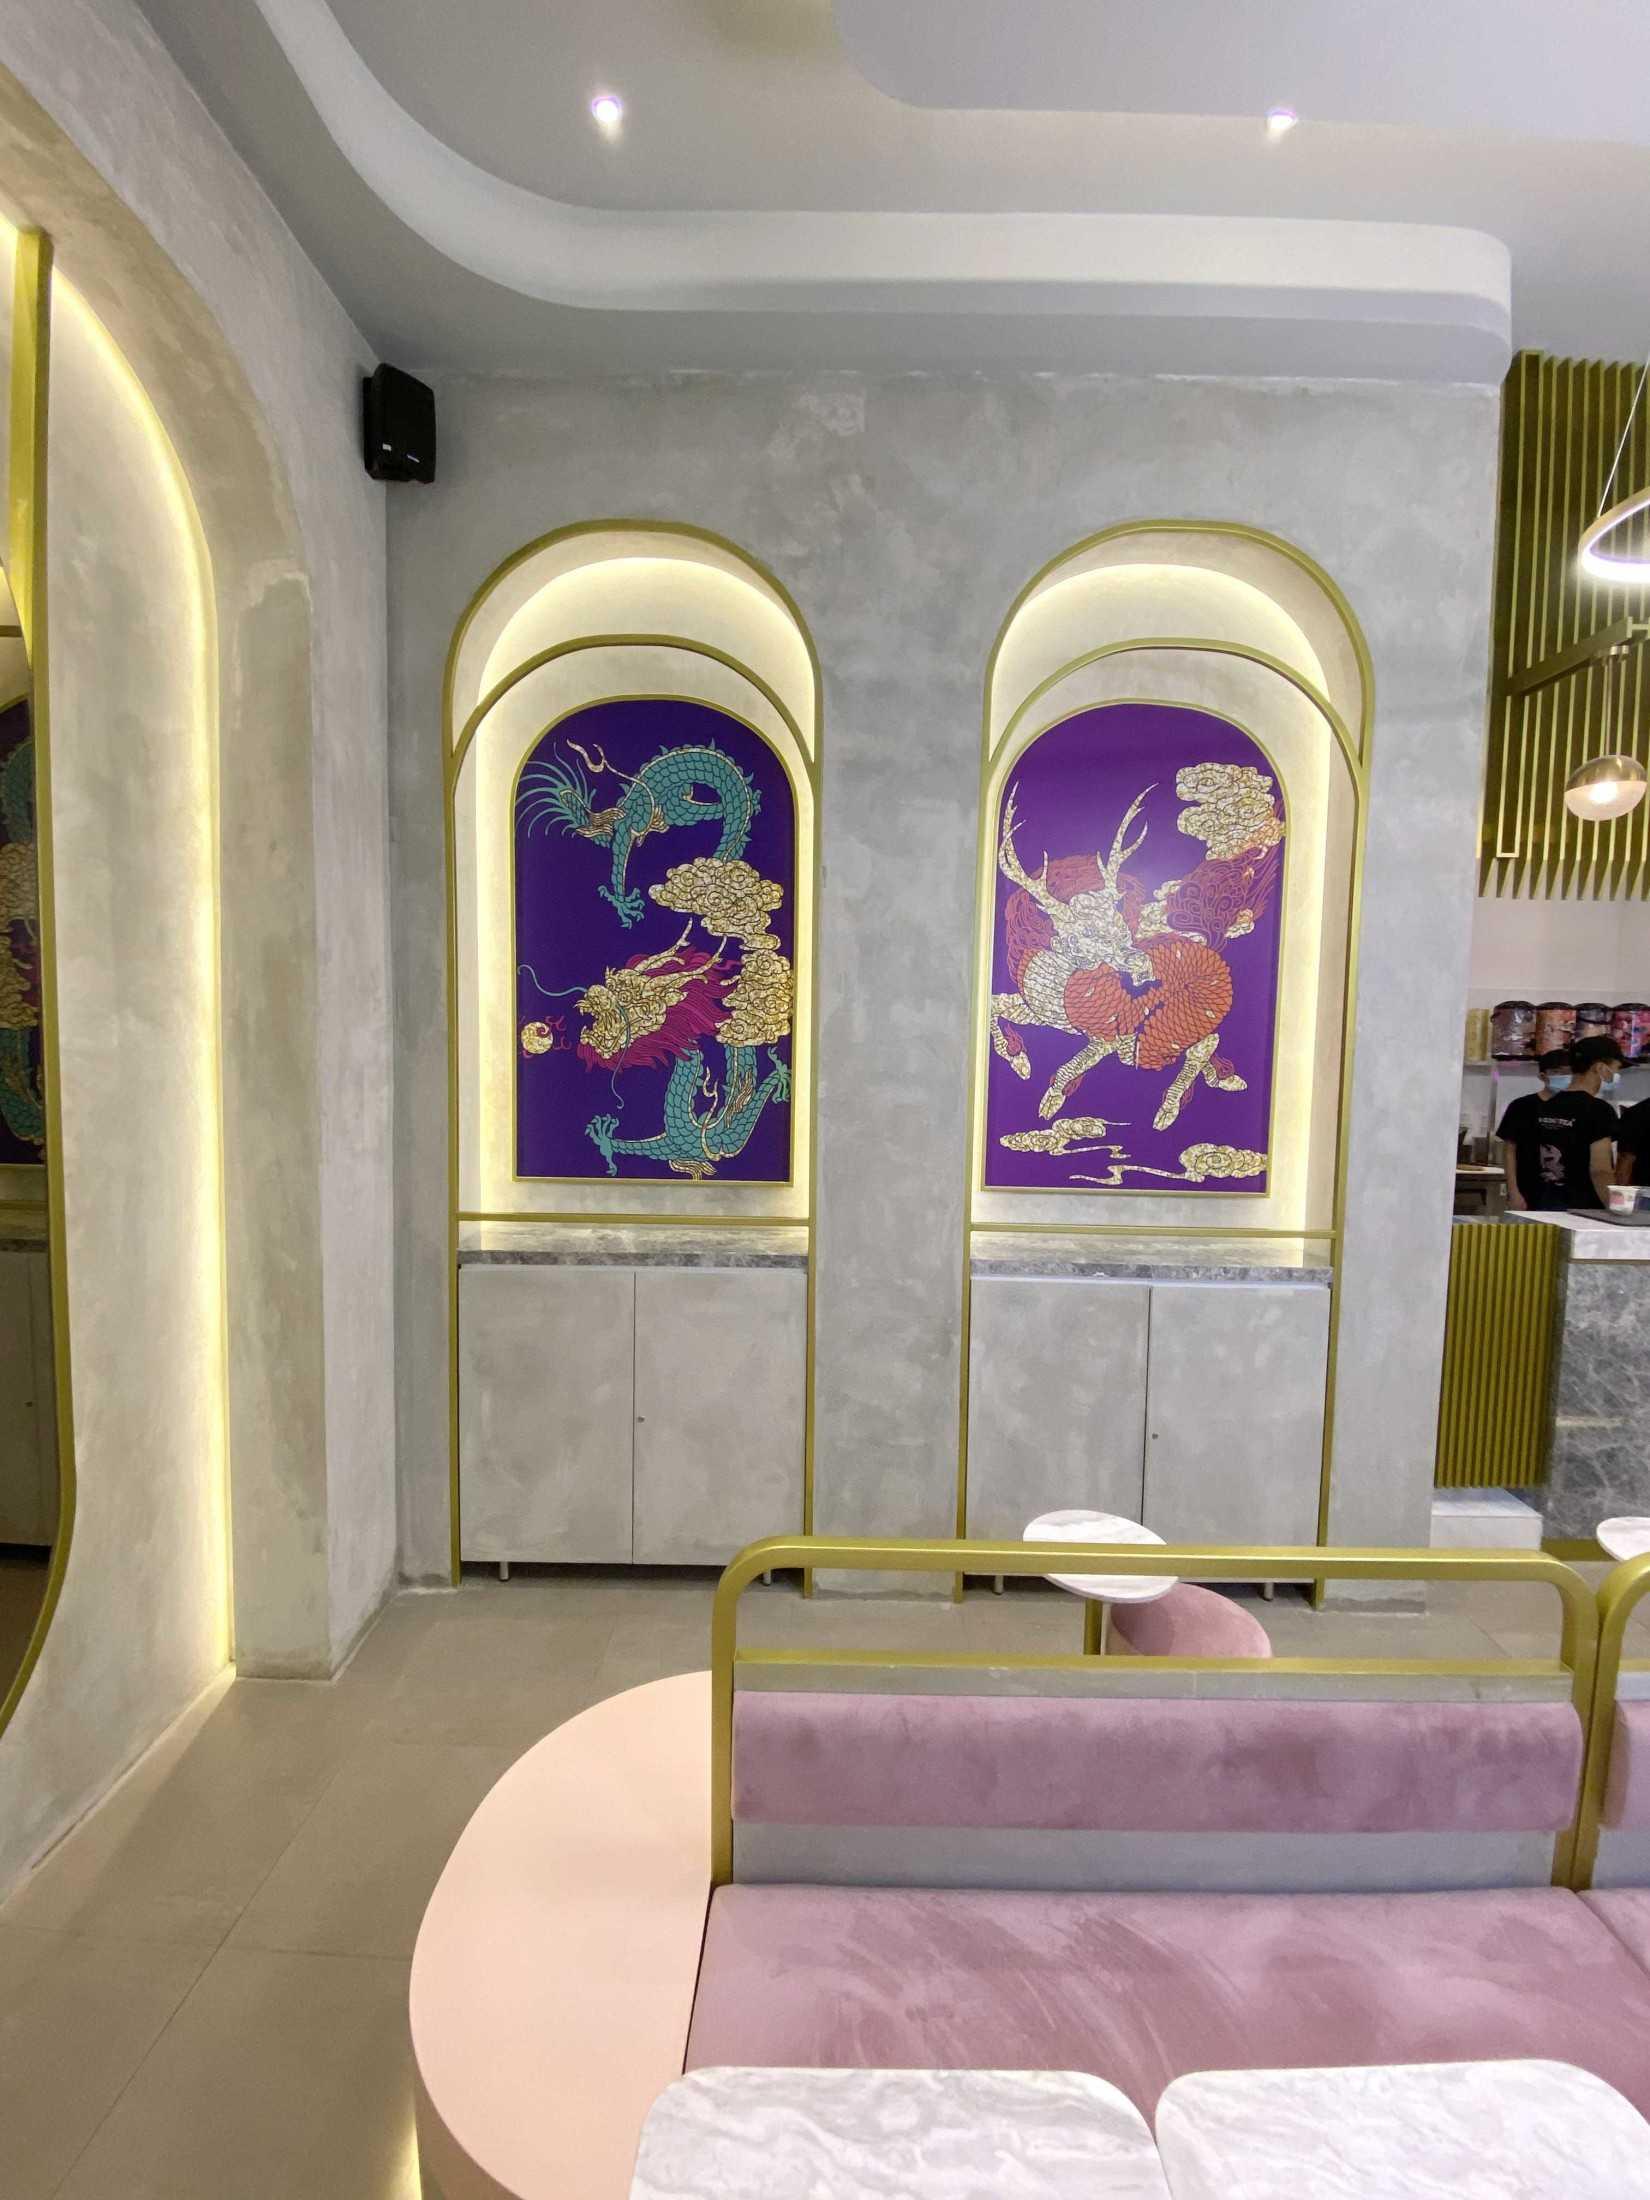 7Design Architect Ben Gong's Tea Karawaci Kec. Karawaci, Kota Tangerang, Banten, Indonesia Kec. Karawaci, Kota Tangerang, Banten, Indonesia 7Design-Architect-Ben-Gongs-Tea-Karawaci  117967